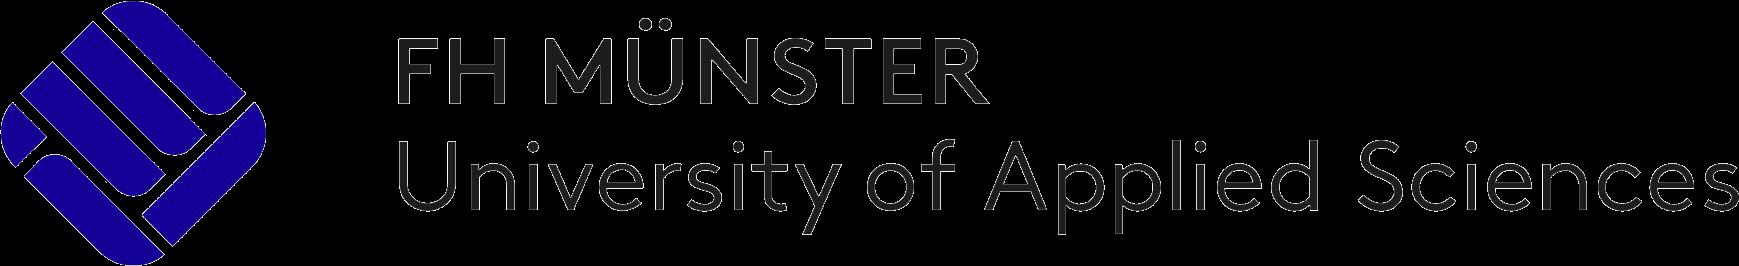 Munster University